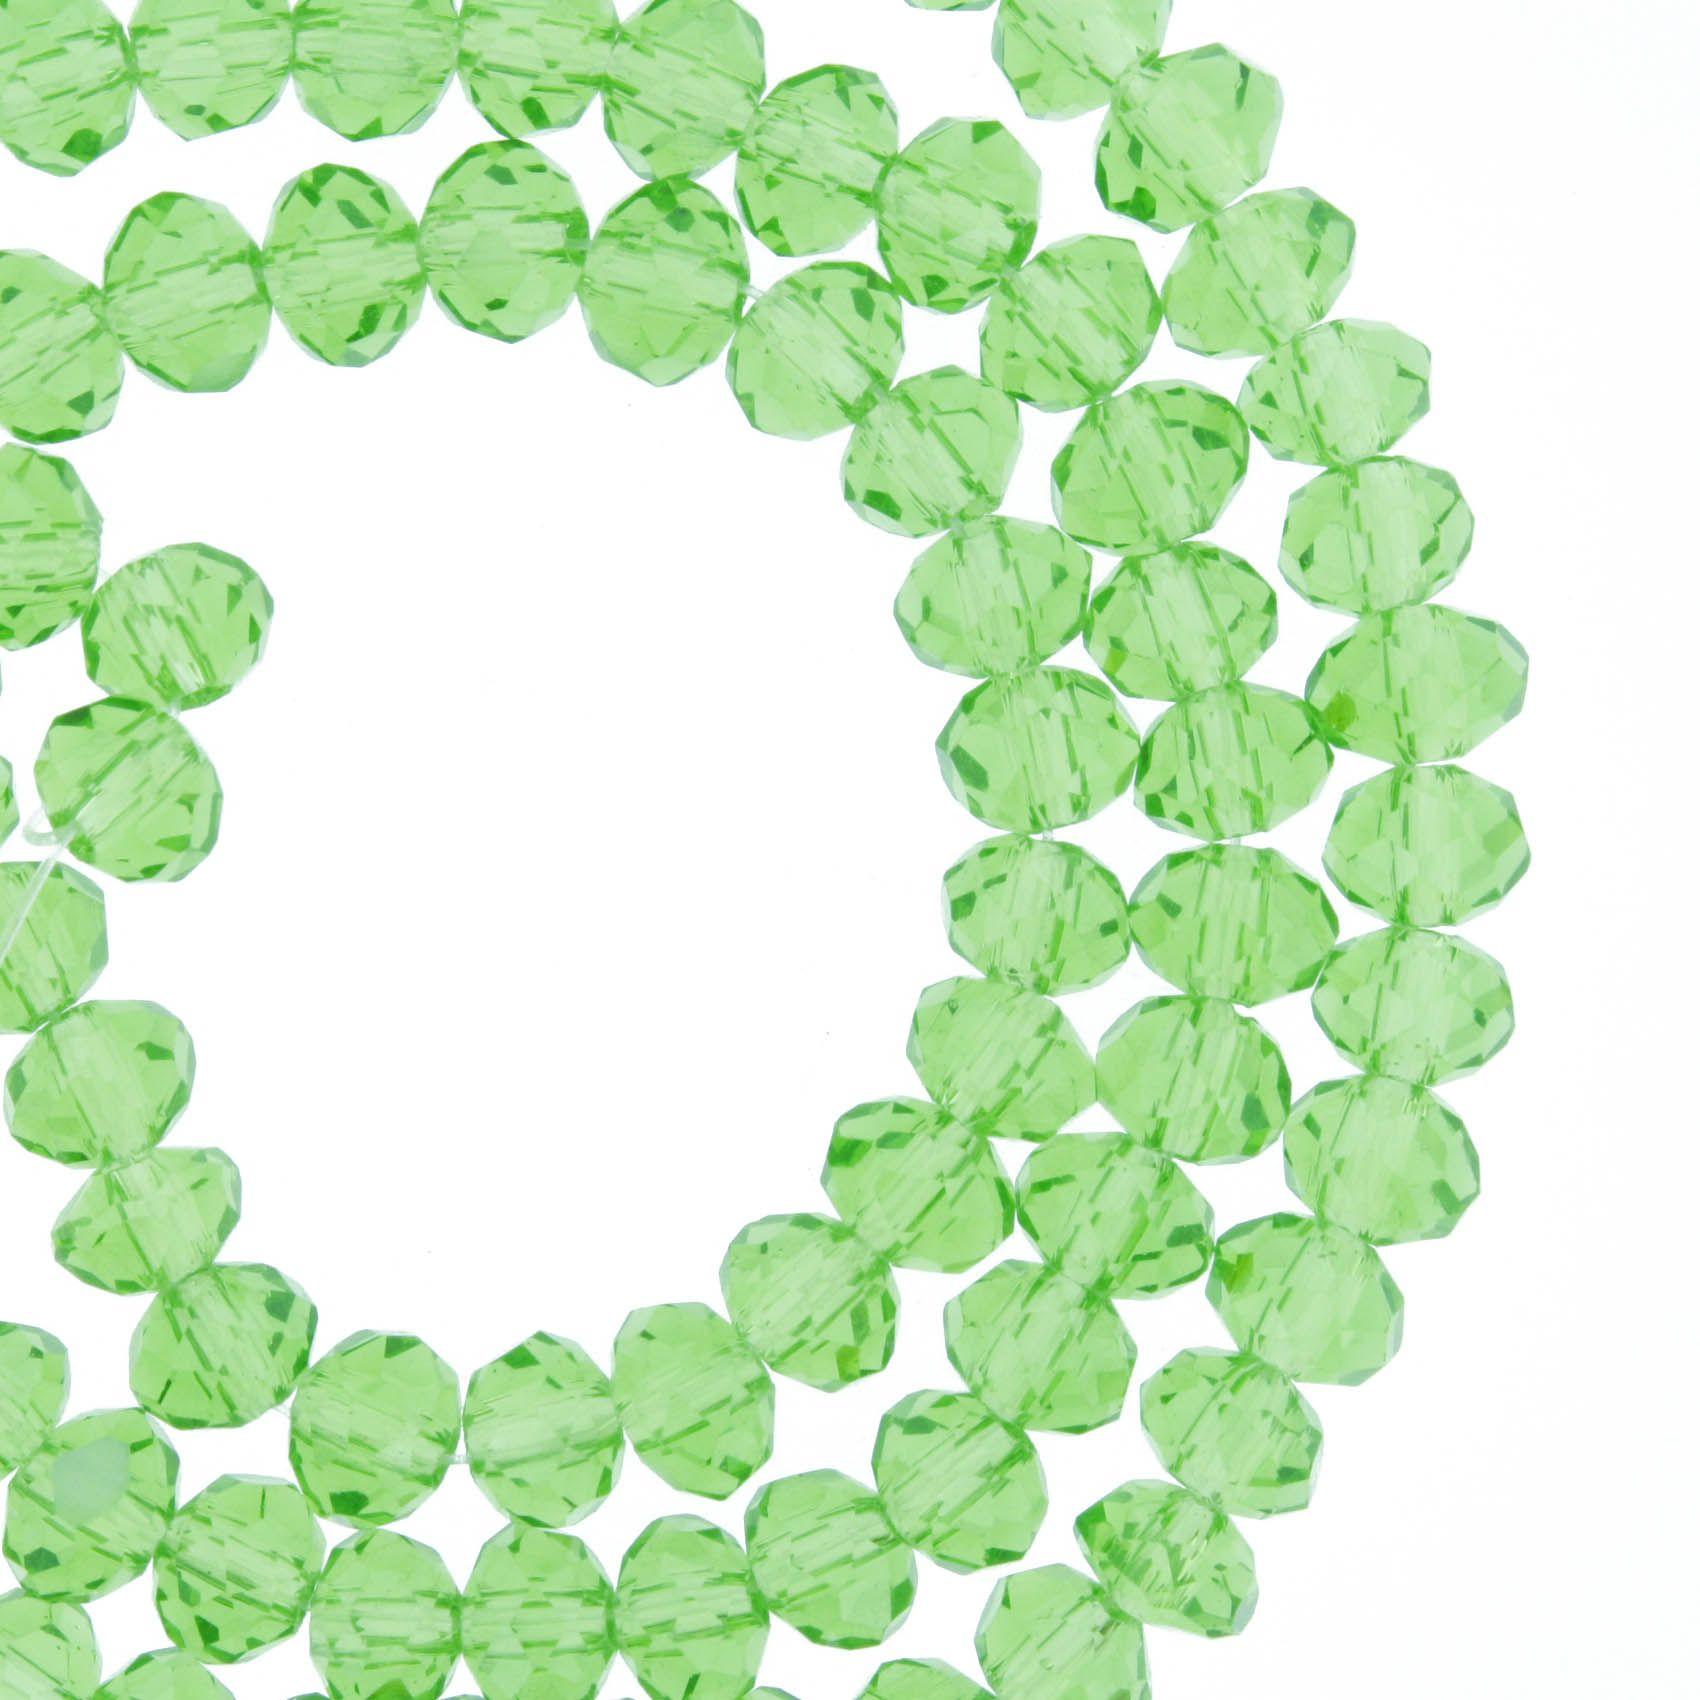 Fio de Cristal - Flat® - Verde Claro Transparente - 6mm  - Stéphanie Bijoux® - Peças para Bijuterias e Artesanato